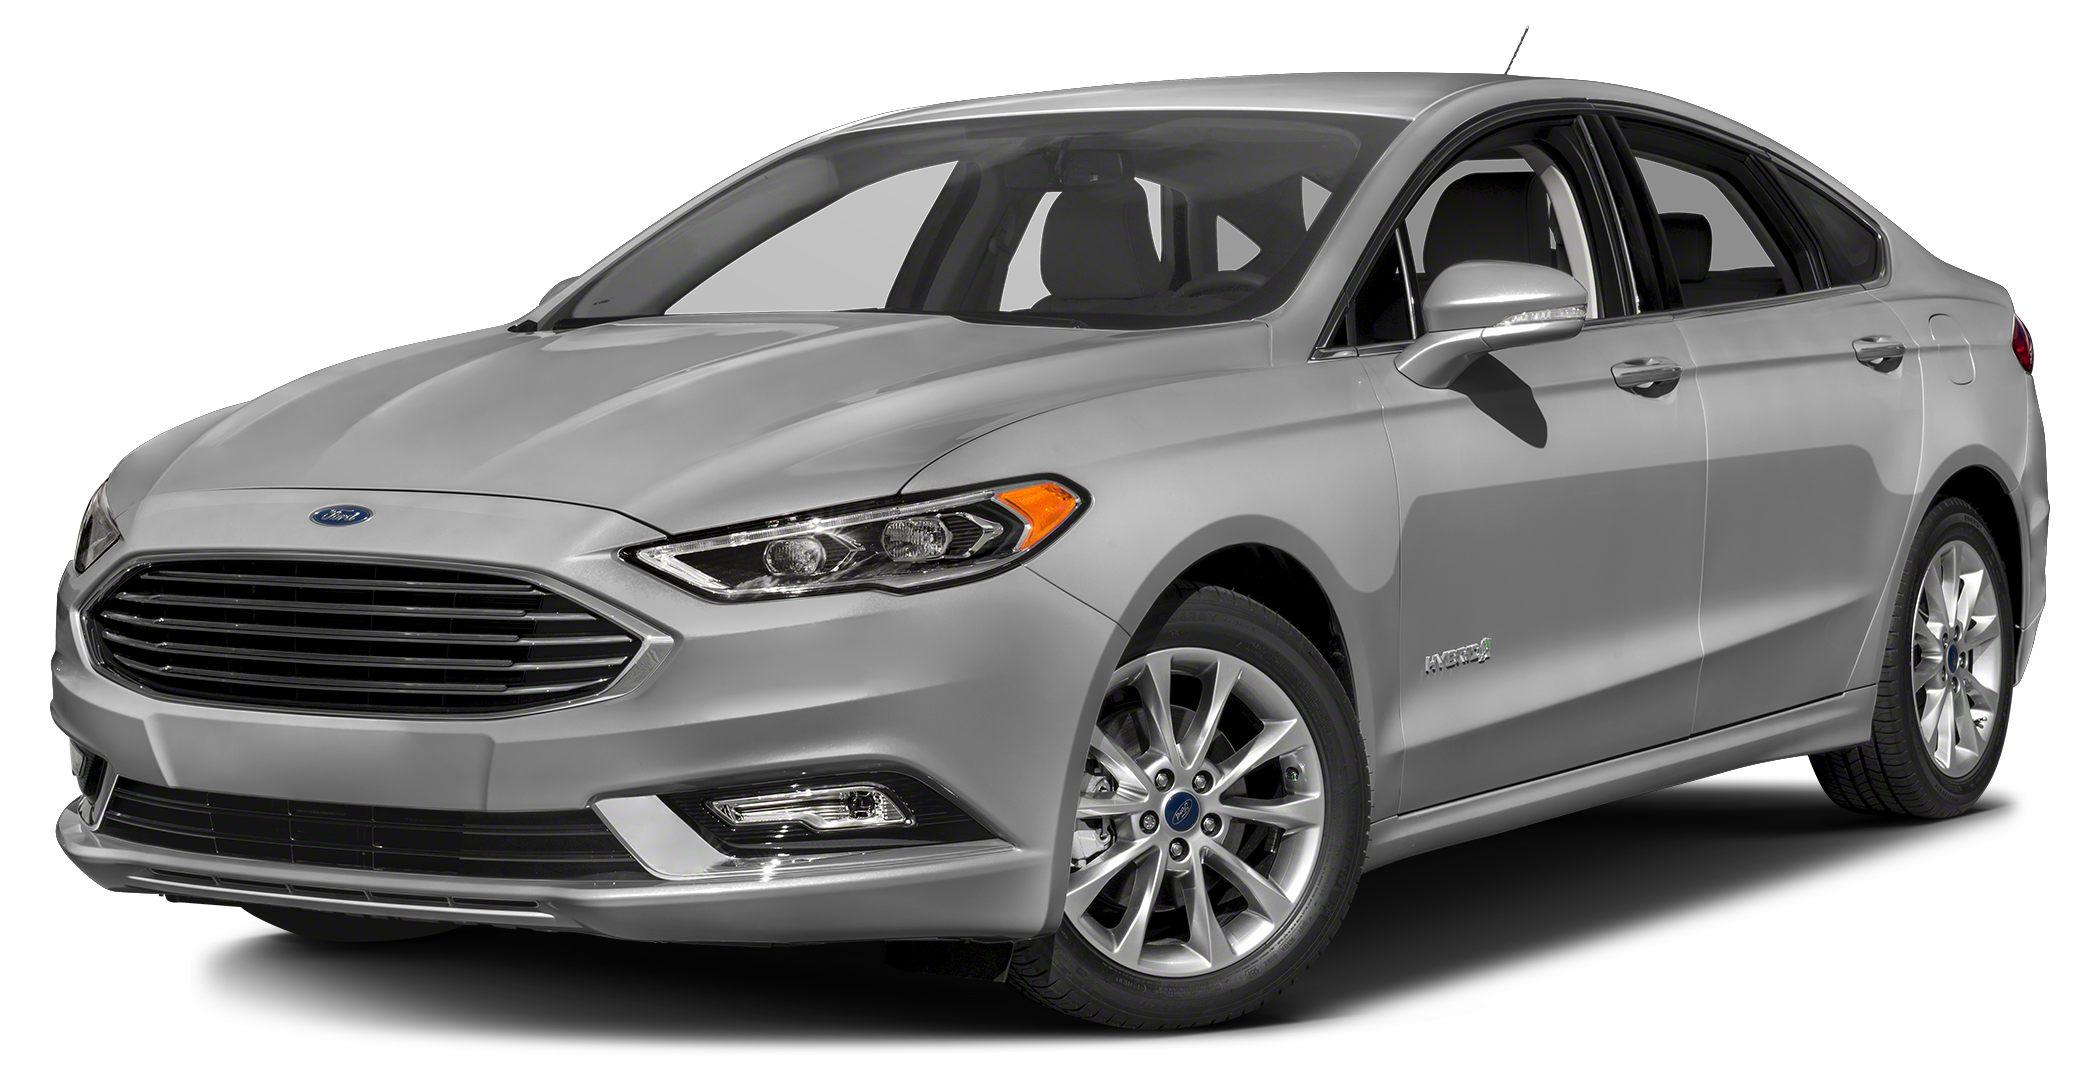 Ford Fusion Hybrid 2.0 CVT